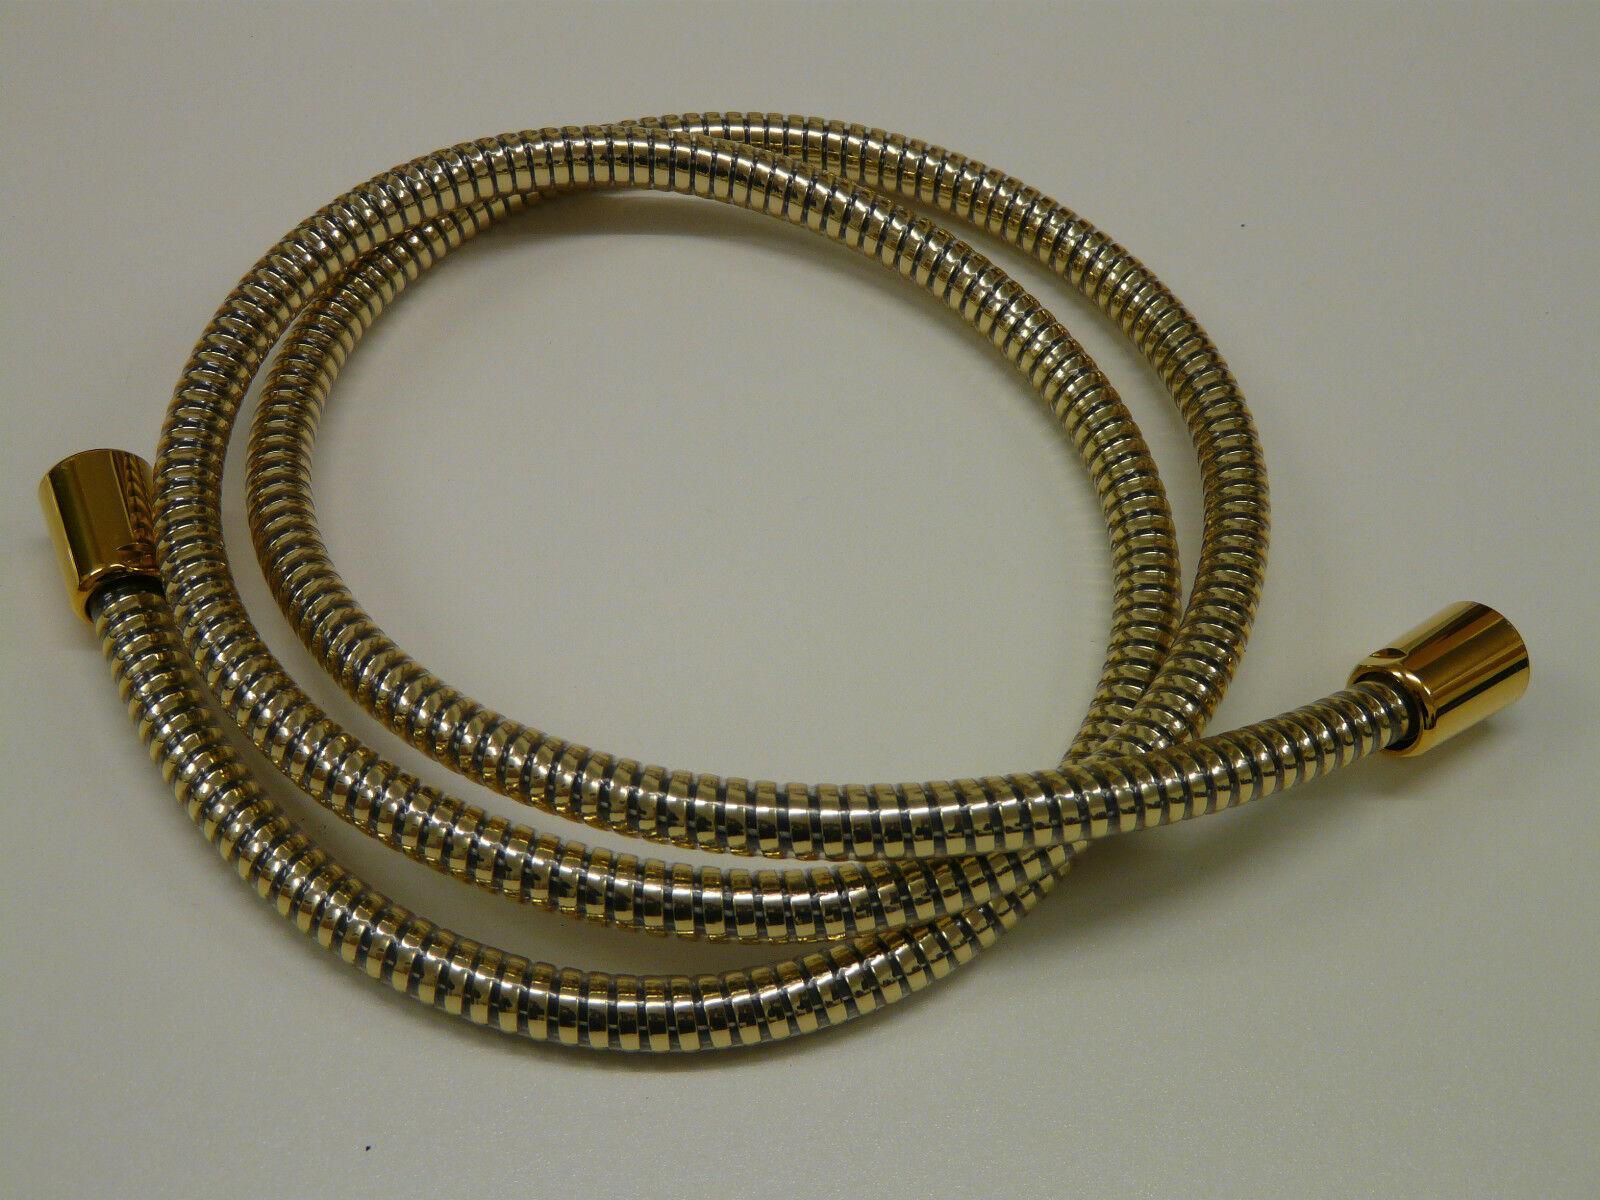 Brauseschlauch Gold (24 Karat), Duschschlauch, Duschschlauch, Duschschlauch,    Alle Längen | Deutschland  | Qualität Produkt  | Eleganter Stil  | Ausgezeichnet  83ce62